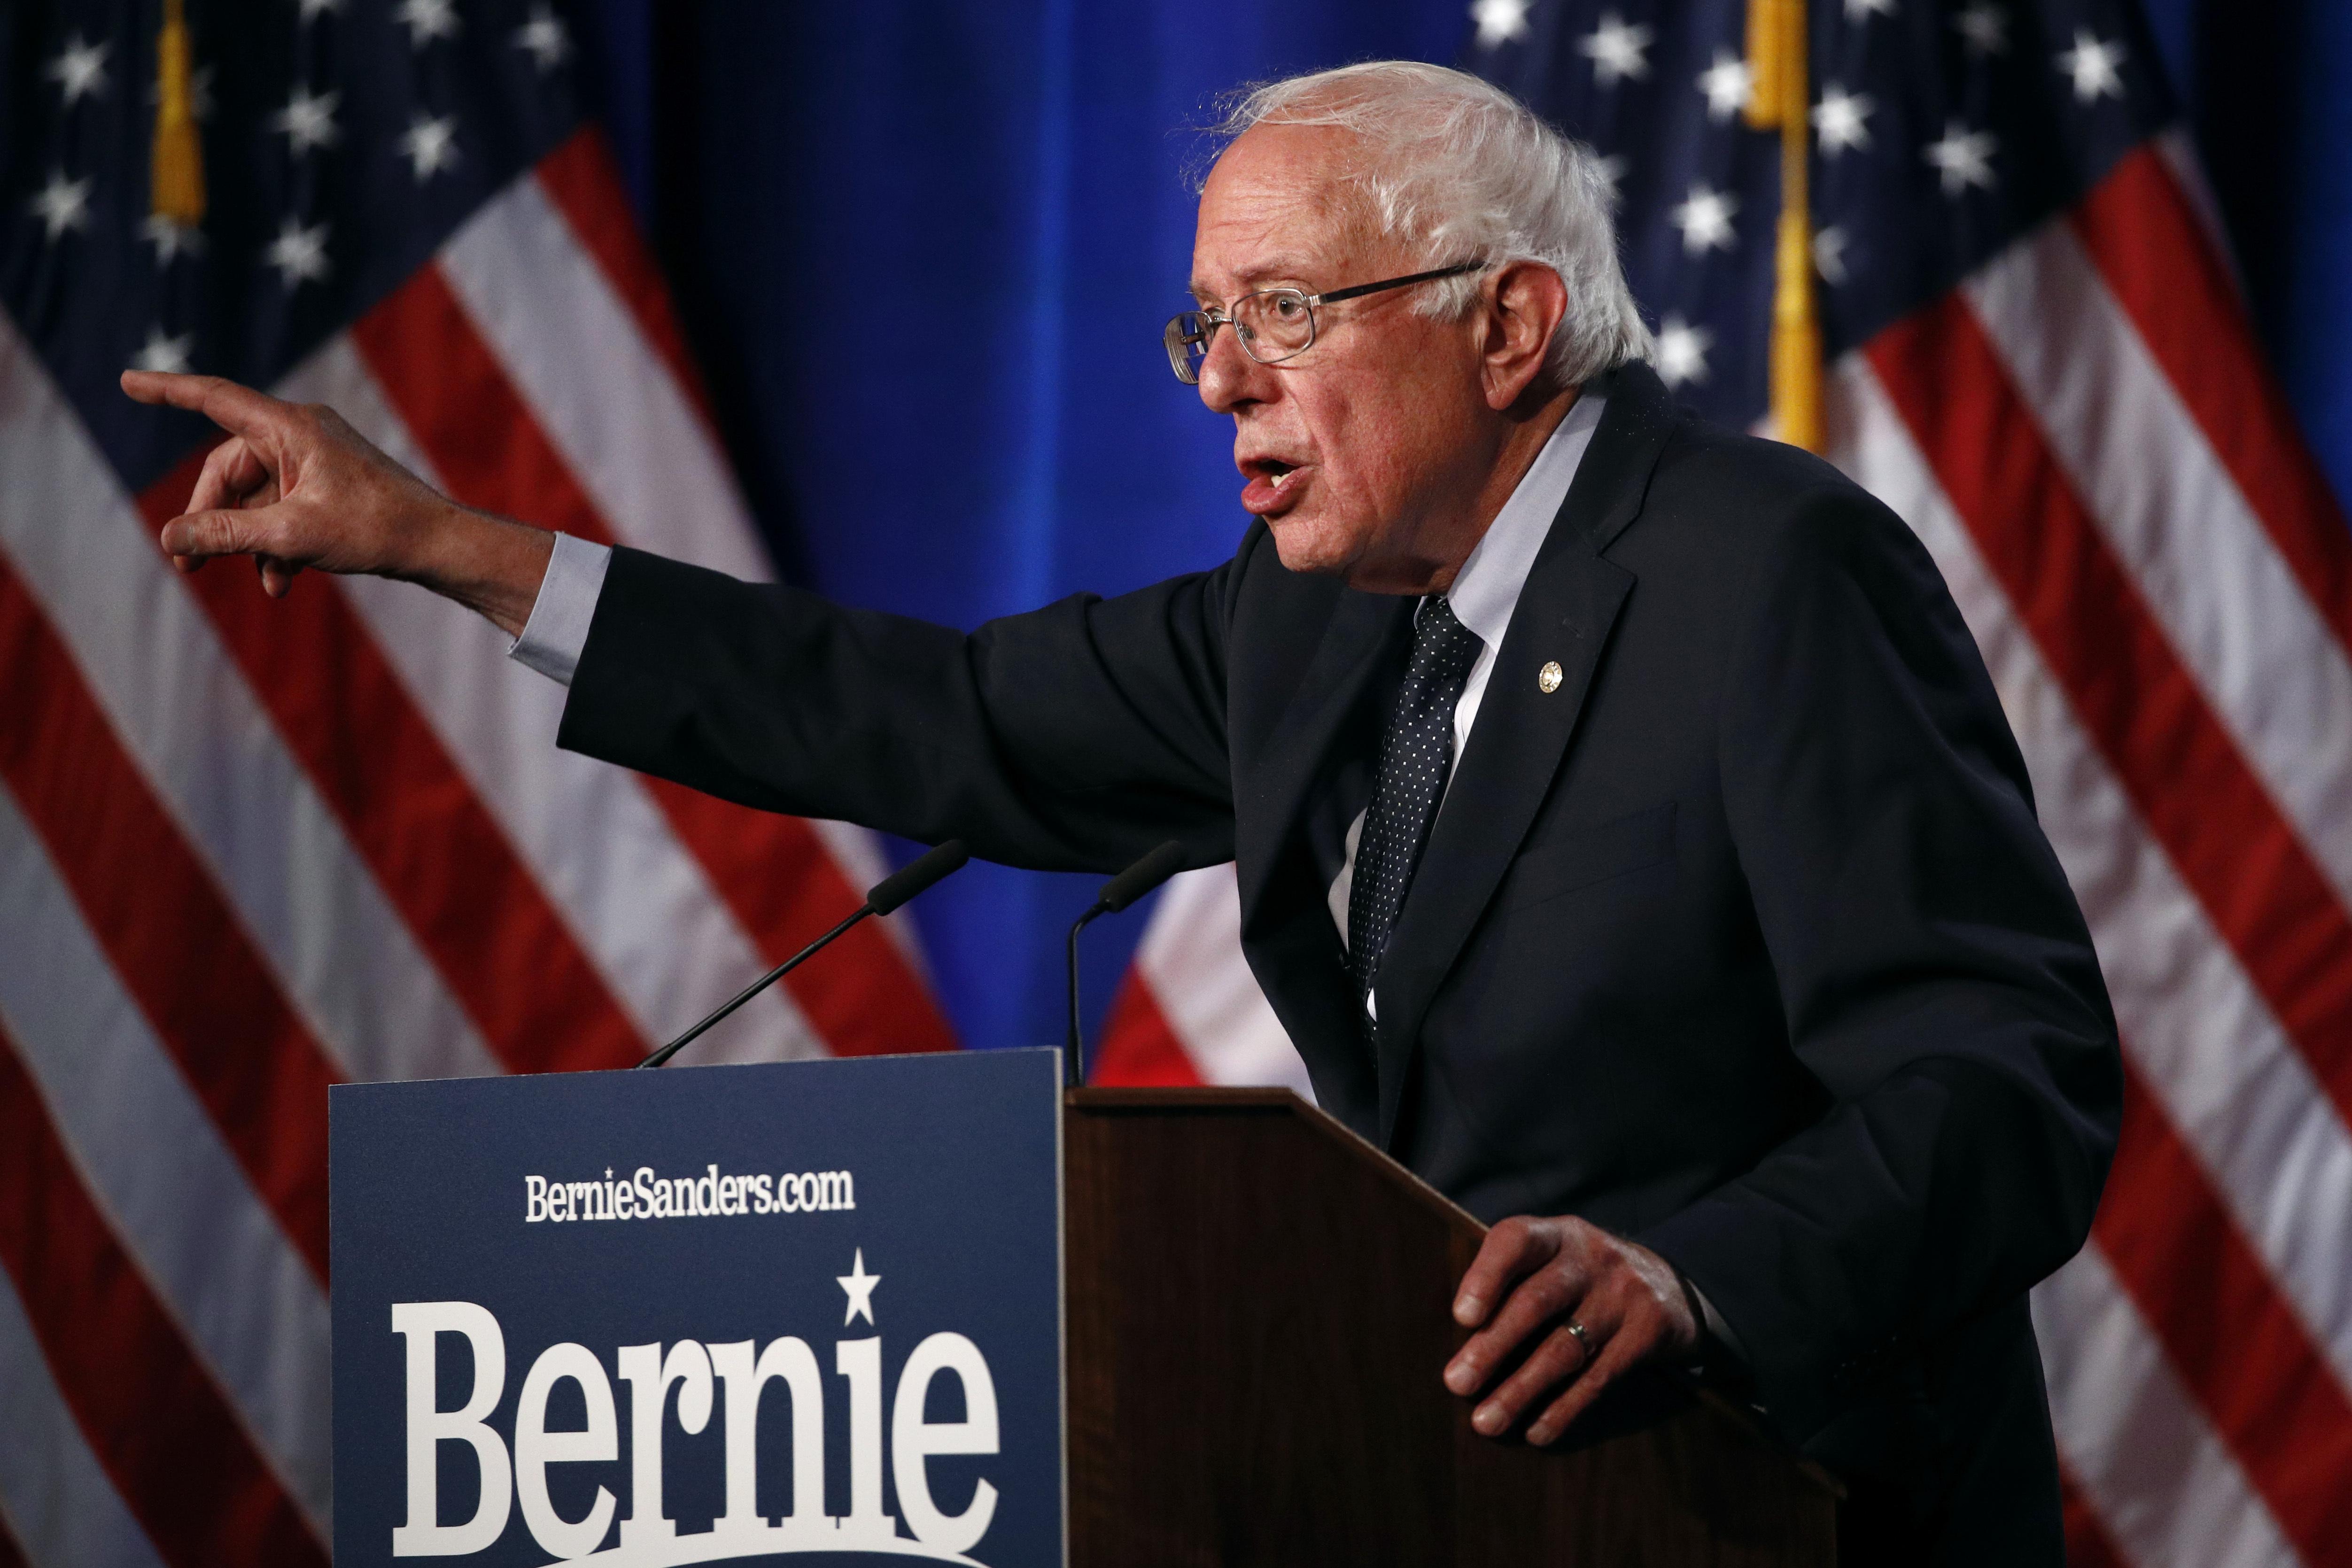 Mike Gravel's Campaign Calls It Quits, Endorses Bernie Sanders